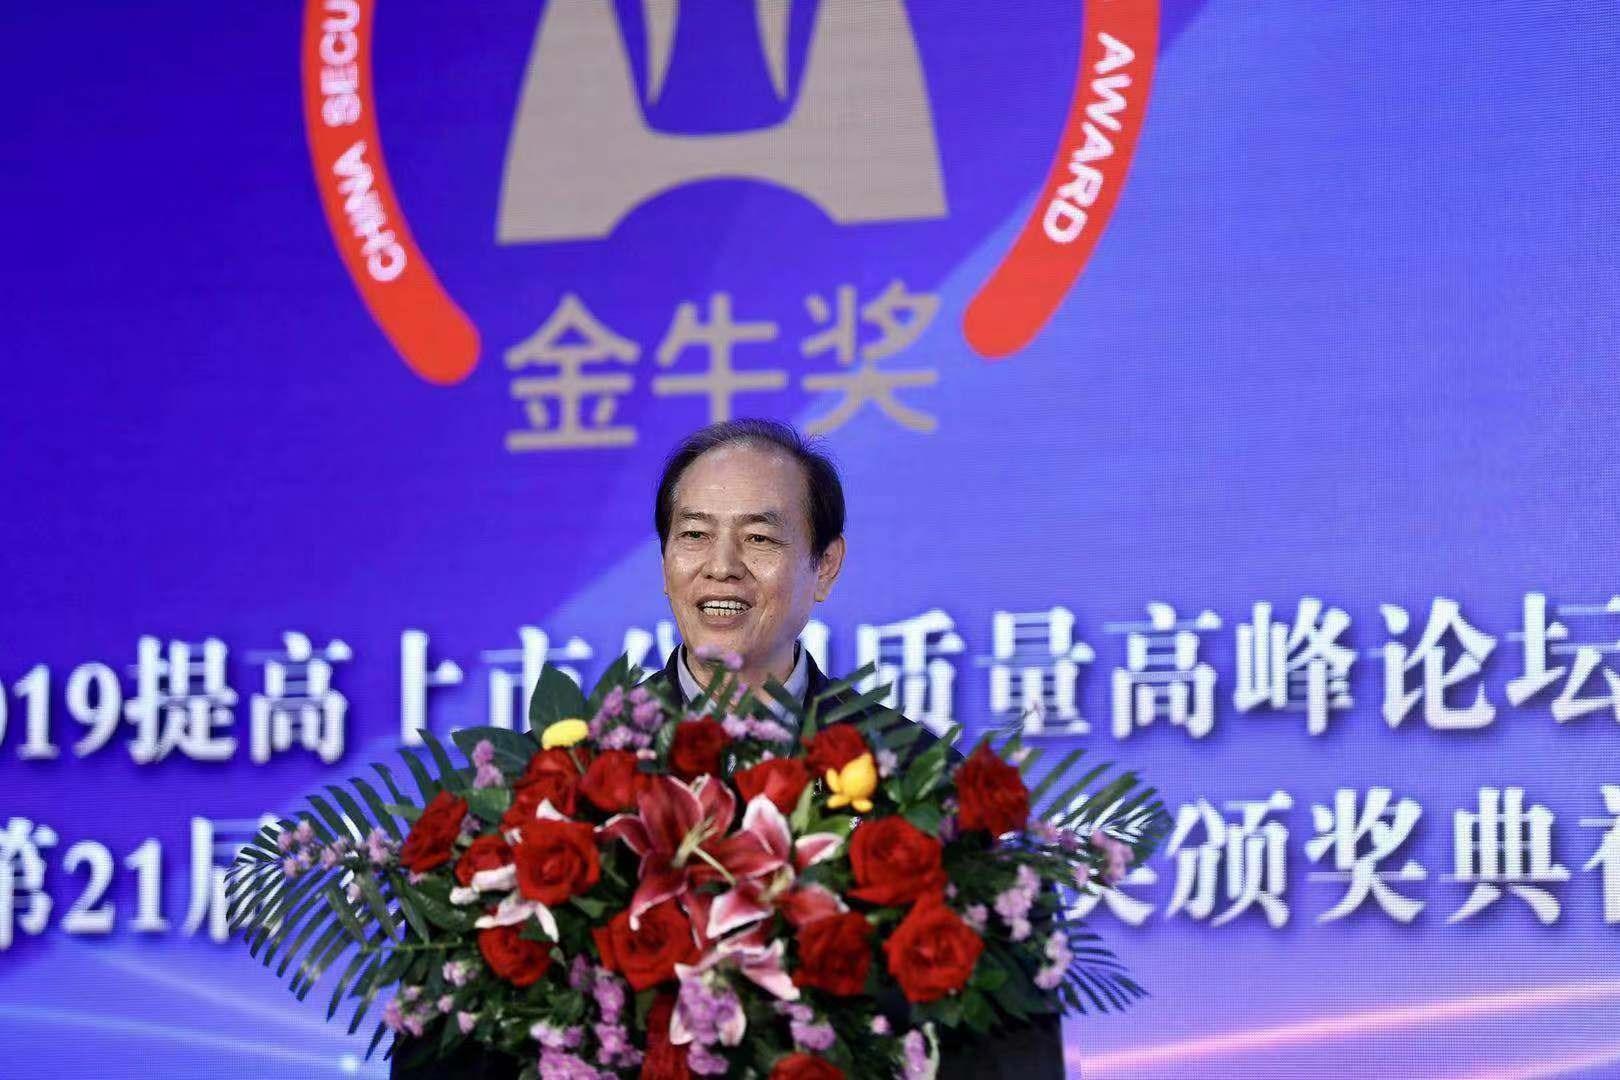 國有重點大型企業監事會原主席 季曉南_副本2.jpg